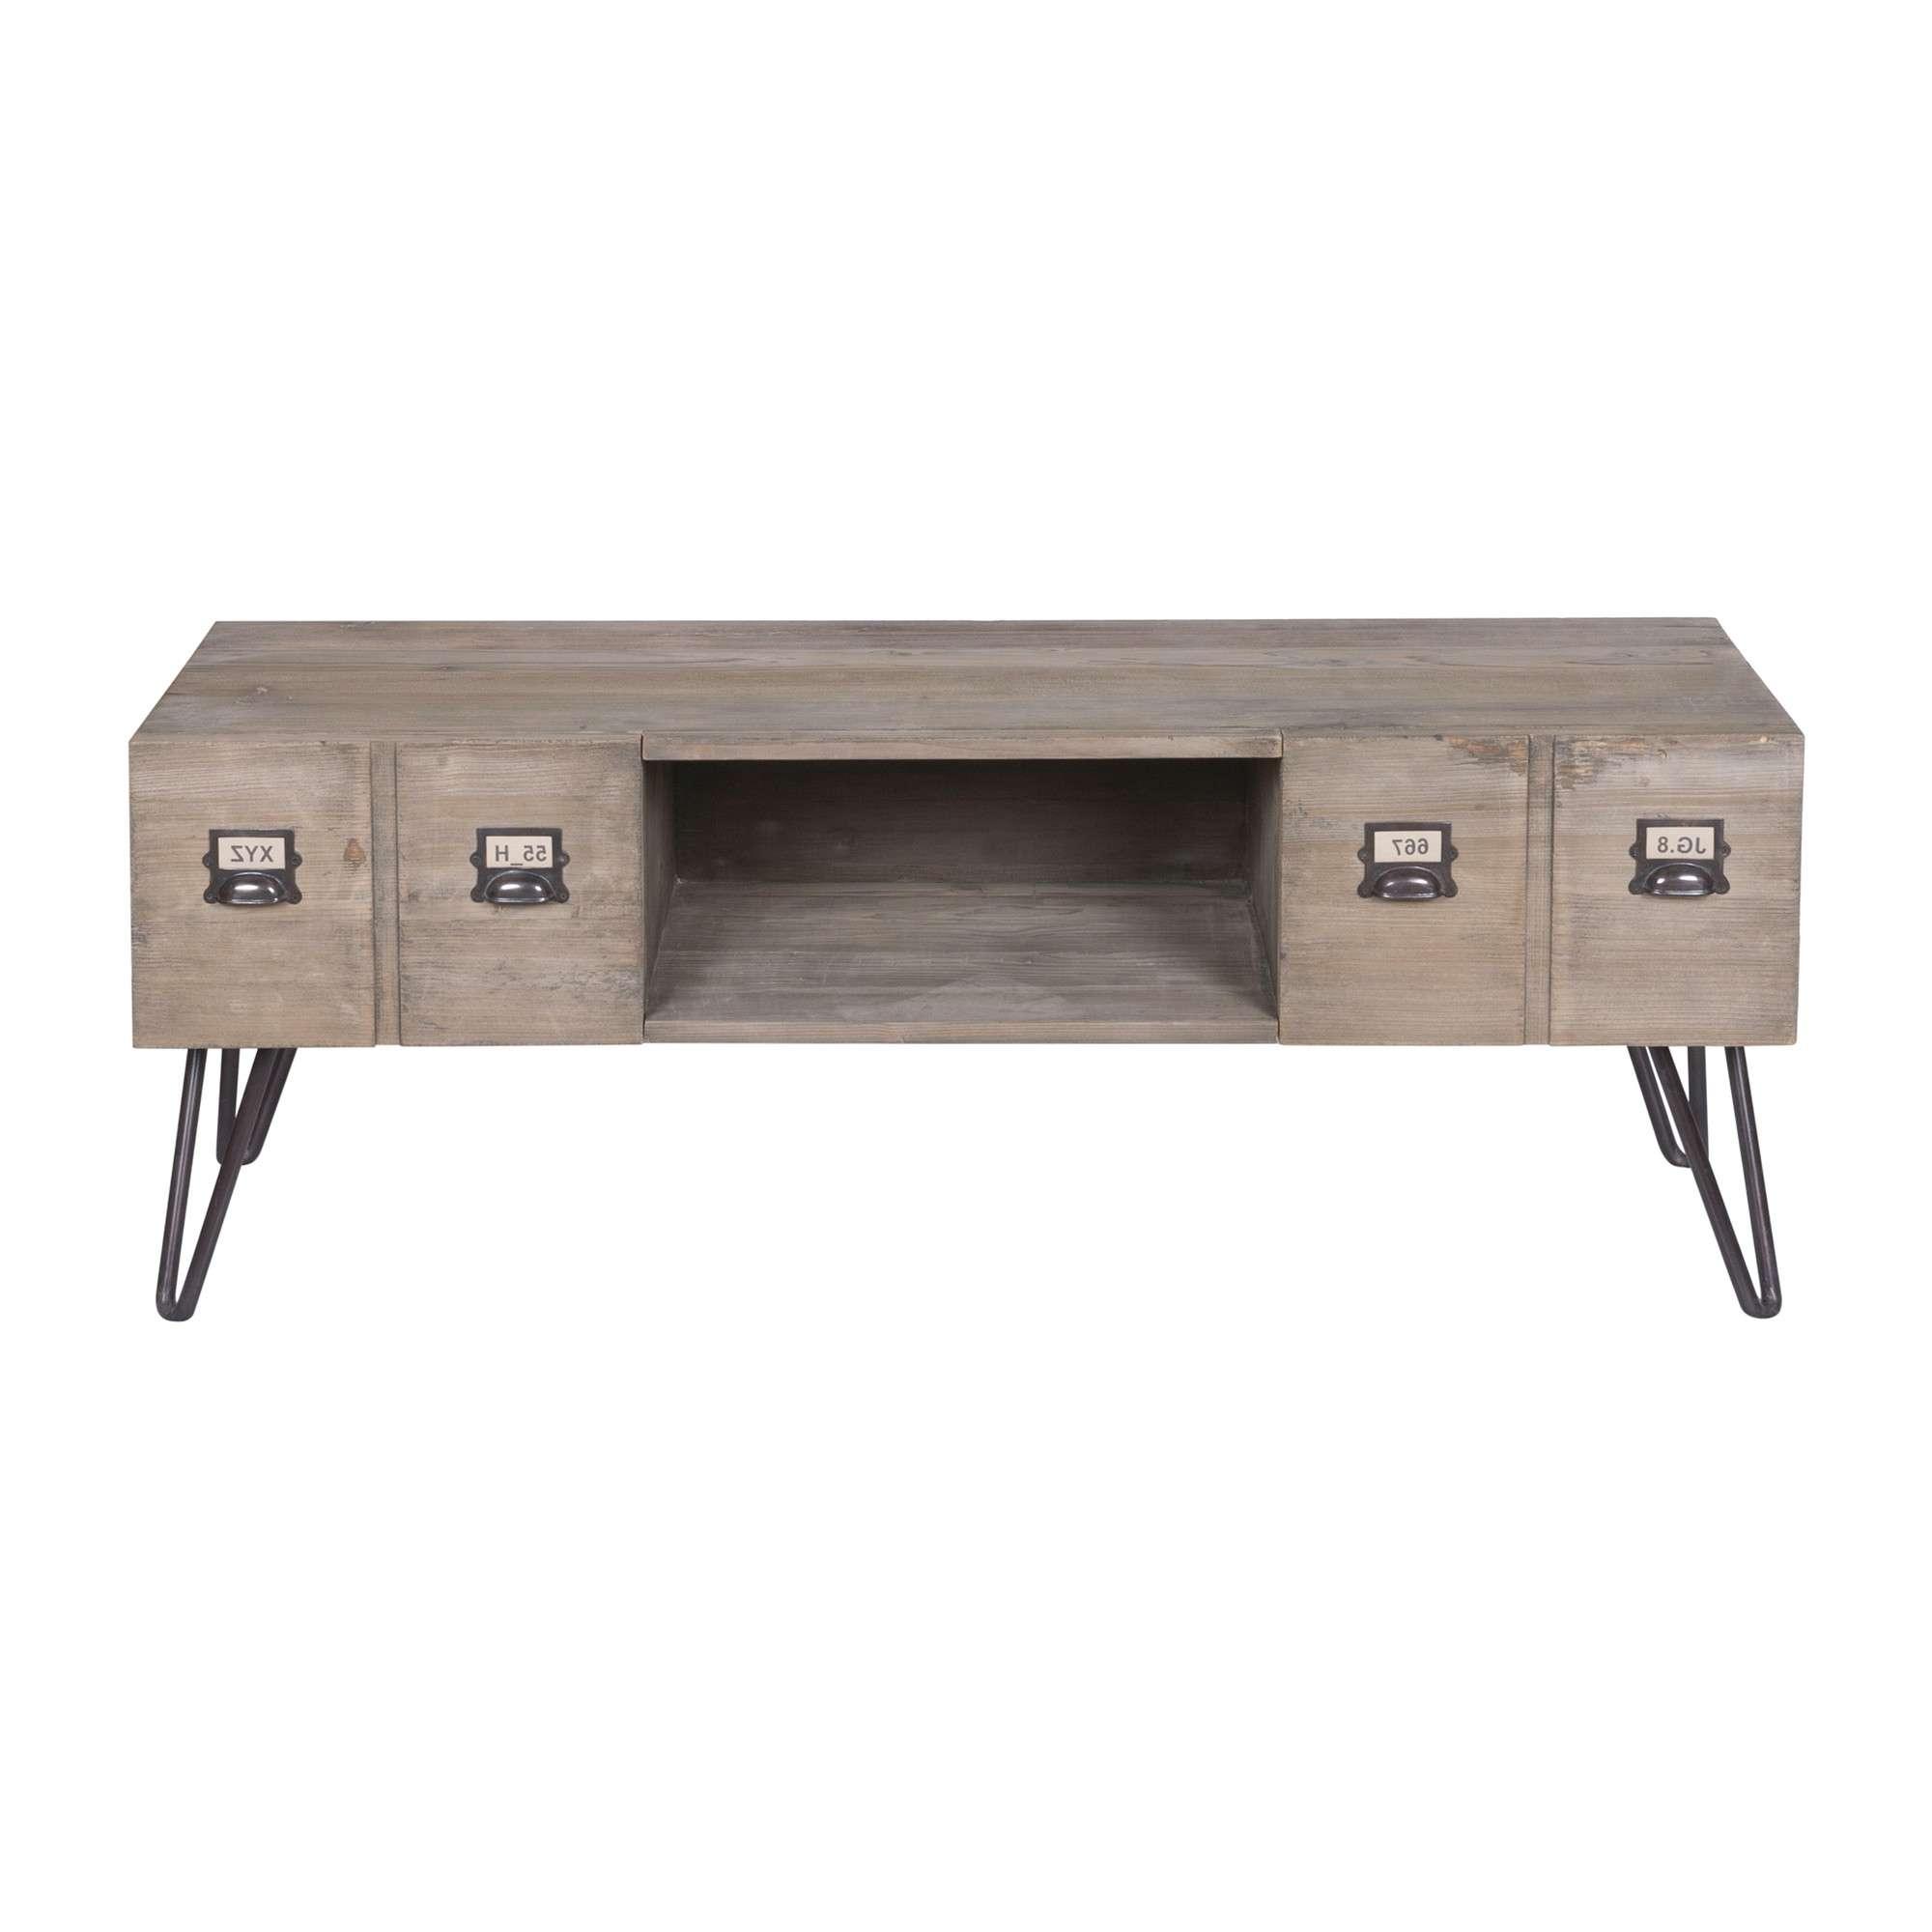 2 Drawer Industrial Tv Cabinet | Temple & Webster With Industrial Tv Cabinets (View 9 of 20)